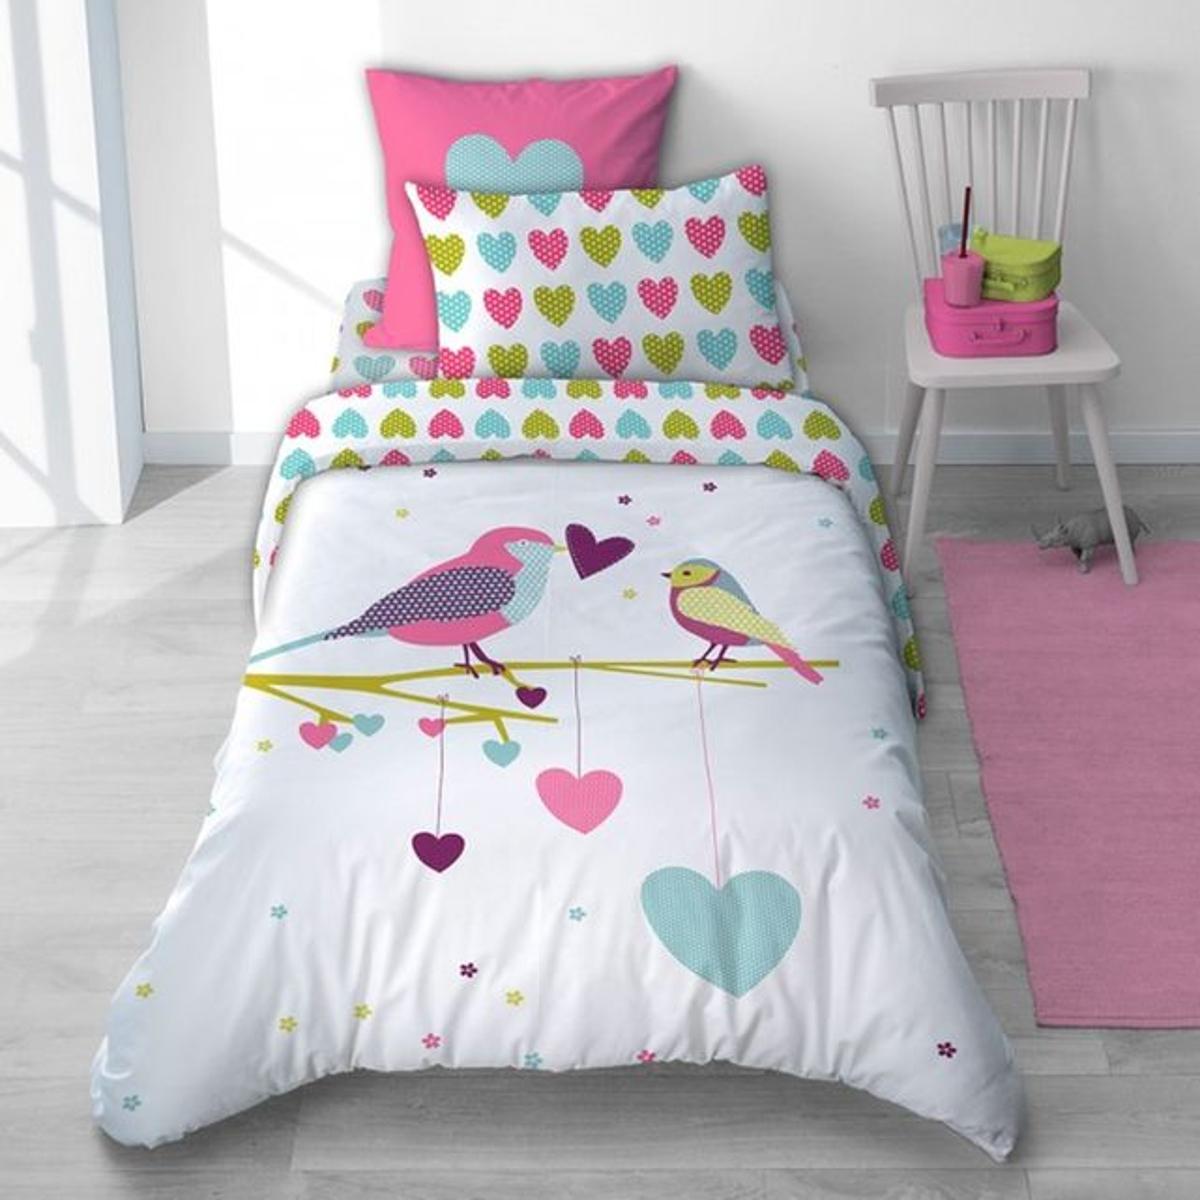 Parure de lit oiseau et coeur rose en coton pour fille - Printemps